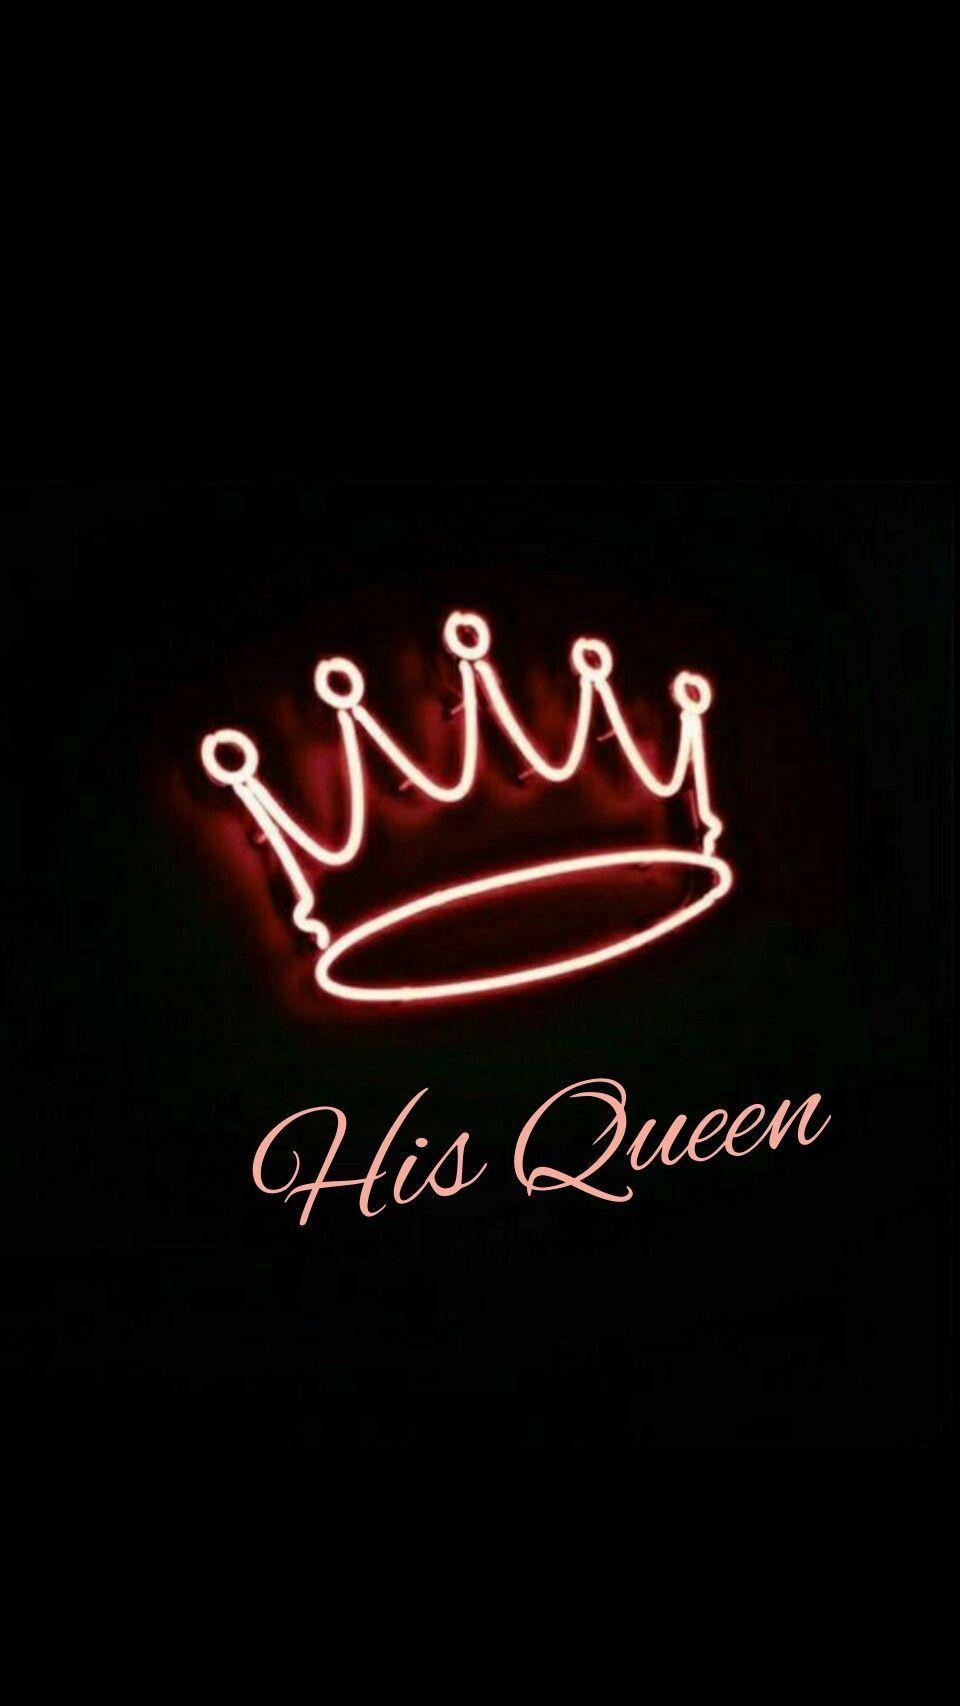 Queen Crown Wallpapers   Top Queen Crown Backgrounds 960x1706